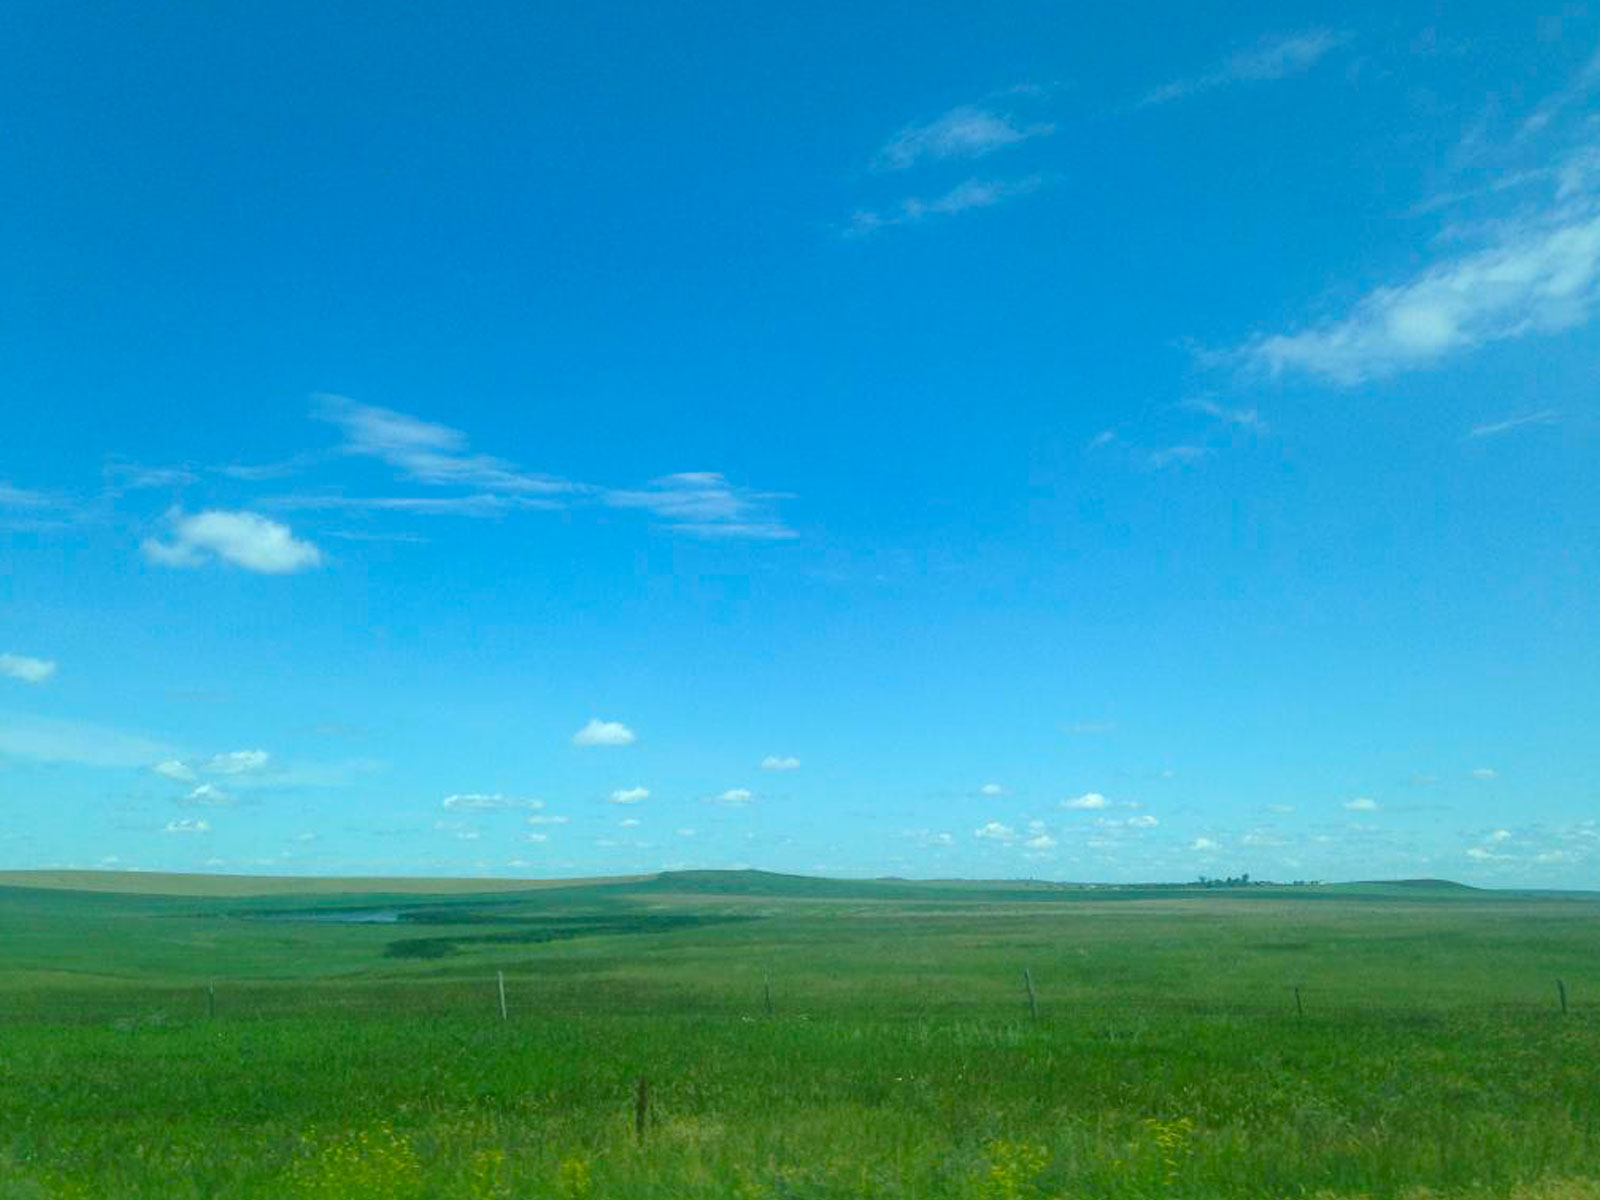 Big sky over the Badlands National Park in South Dakota